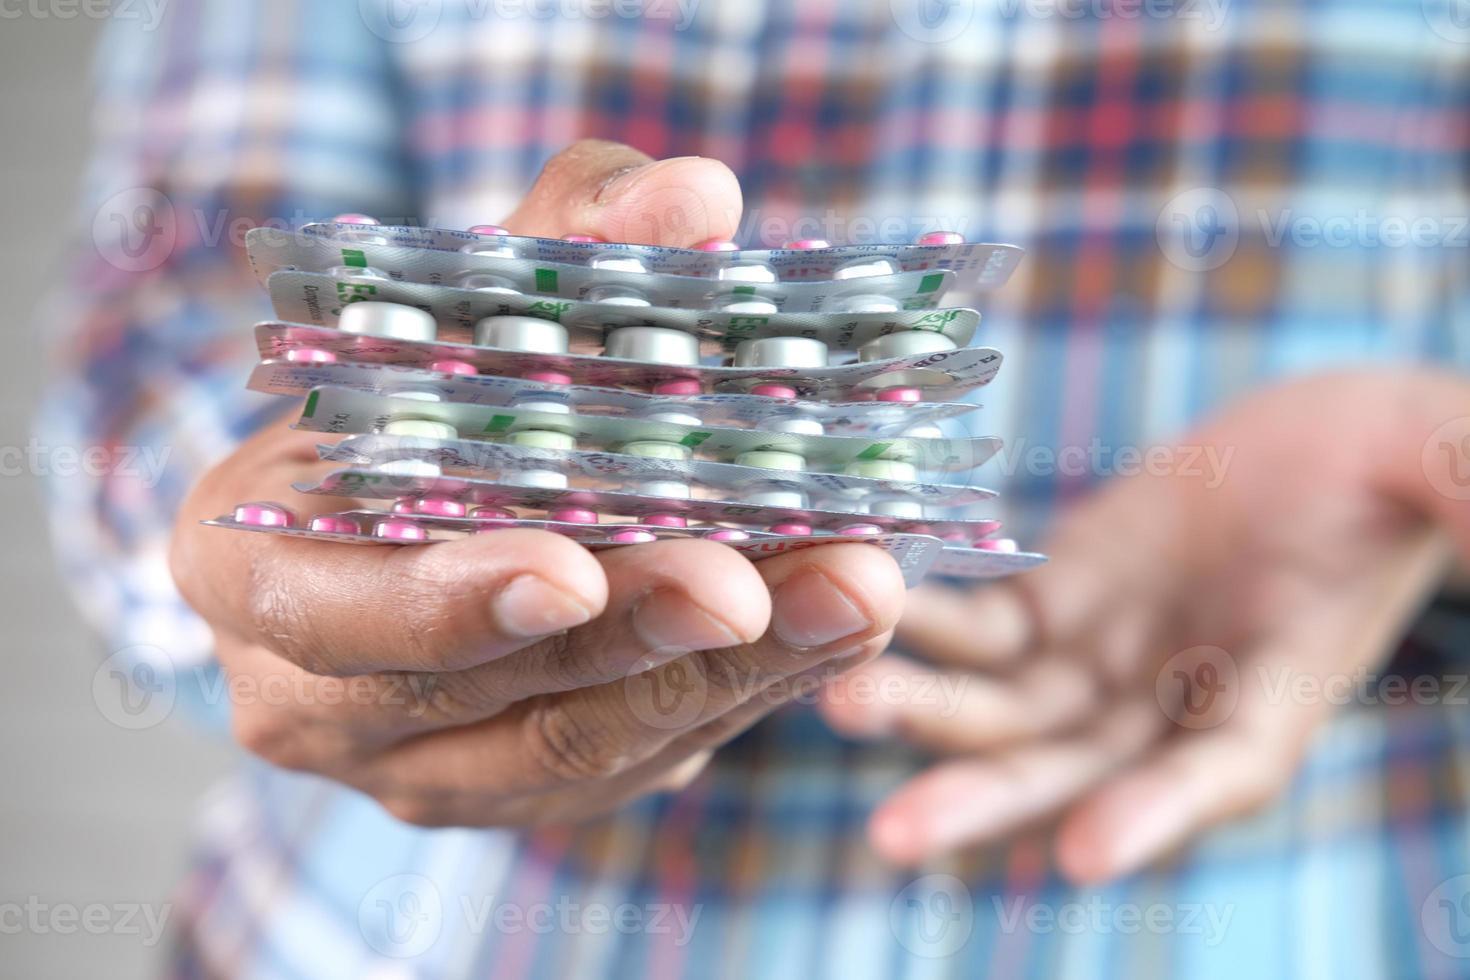 close-up de uma mão segurando embalagens de remédio foto